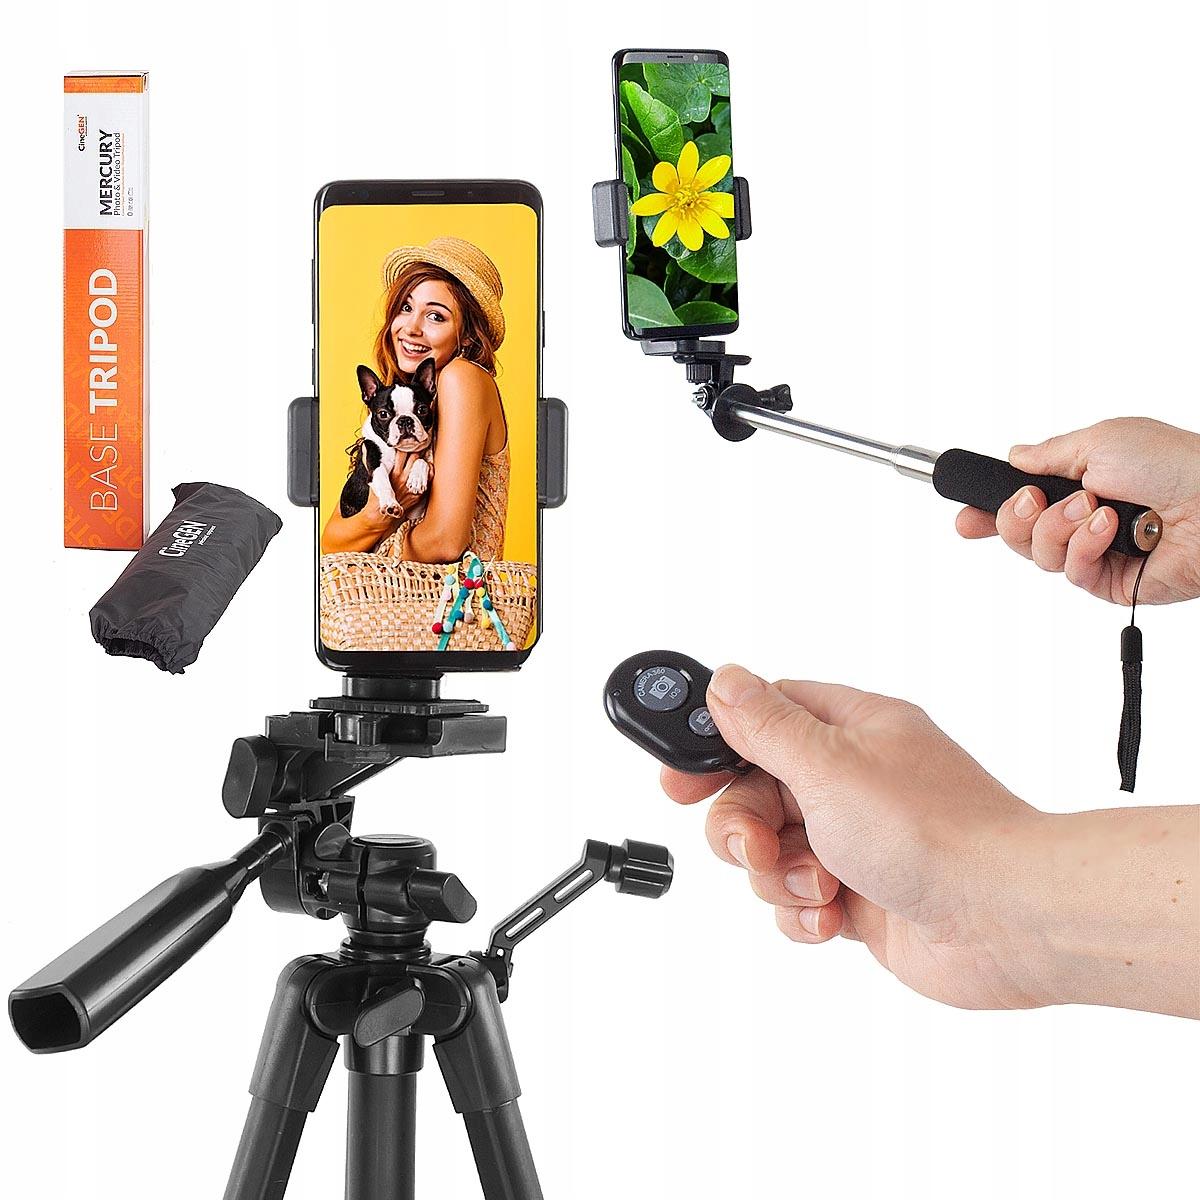 Купить 4IN1 STUDIO SET ШТАТИВ Bluetooth адаптер АДАПТЕР на Otpravka - цены и фото - доставка из Польши и стран Европы в Украину.